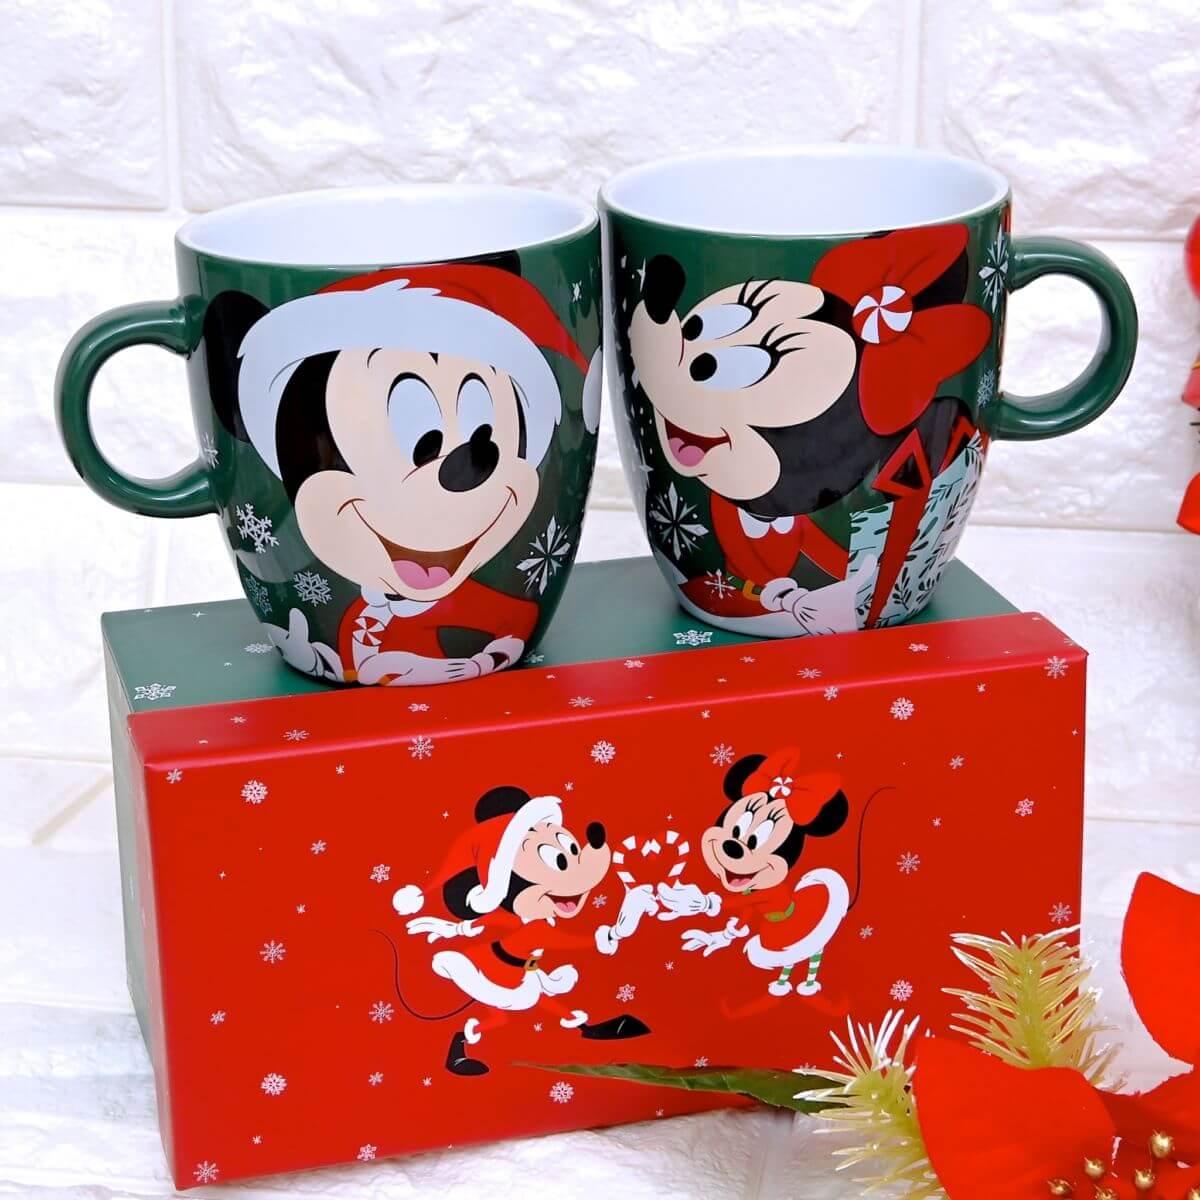 ミッキー&ミニー マグカップ ペア Disney Christmas 2020